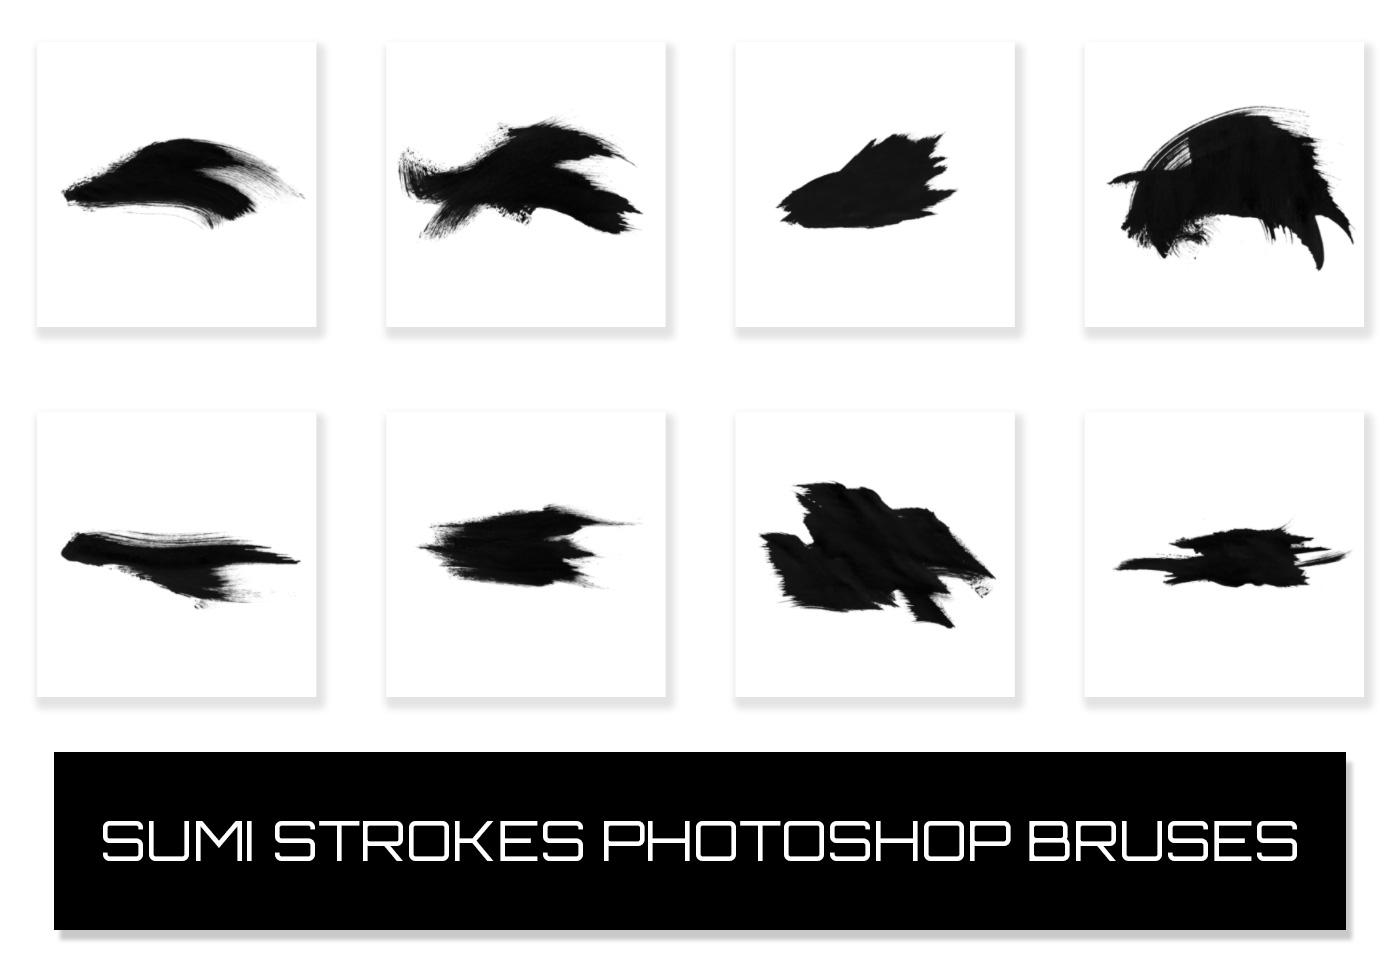 82 Sumi Strokes Free Photoshop Brushes At Brusheezy